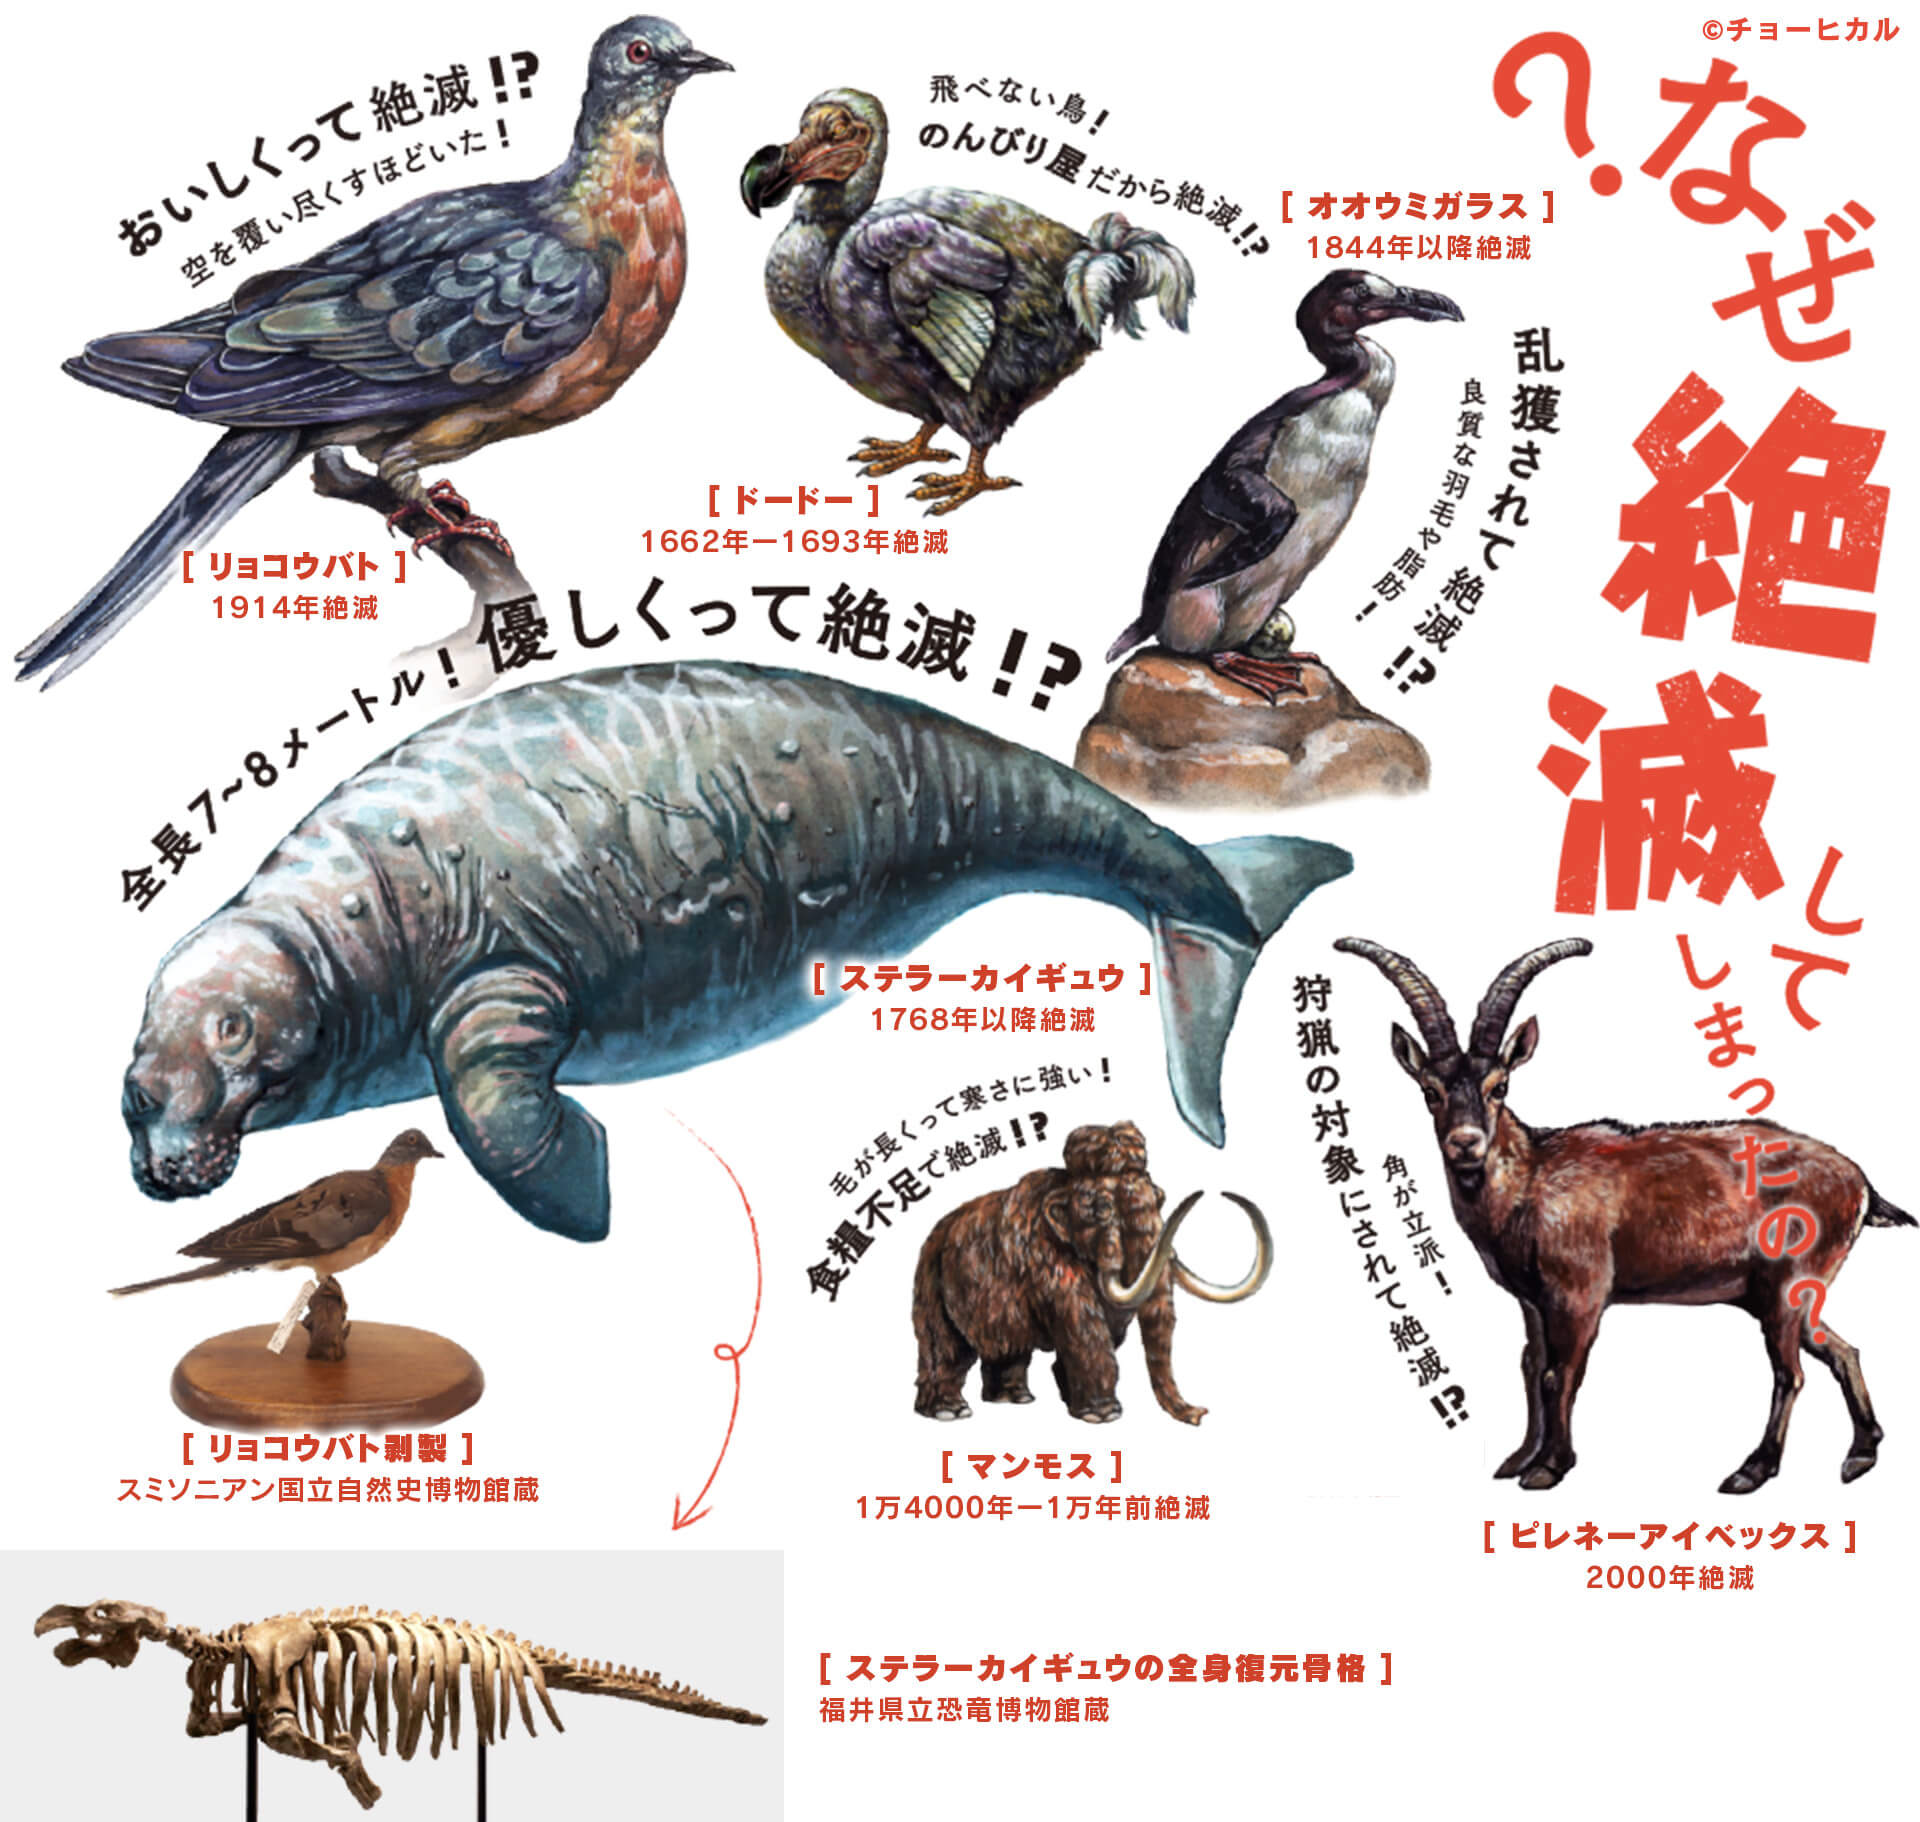 見どころ:特別展「絶滅動物研究所」:中京テレビ